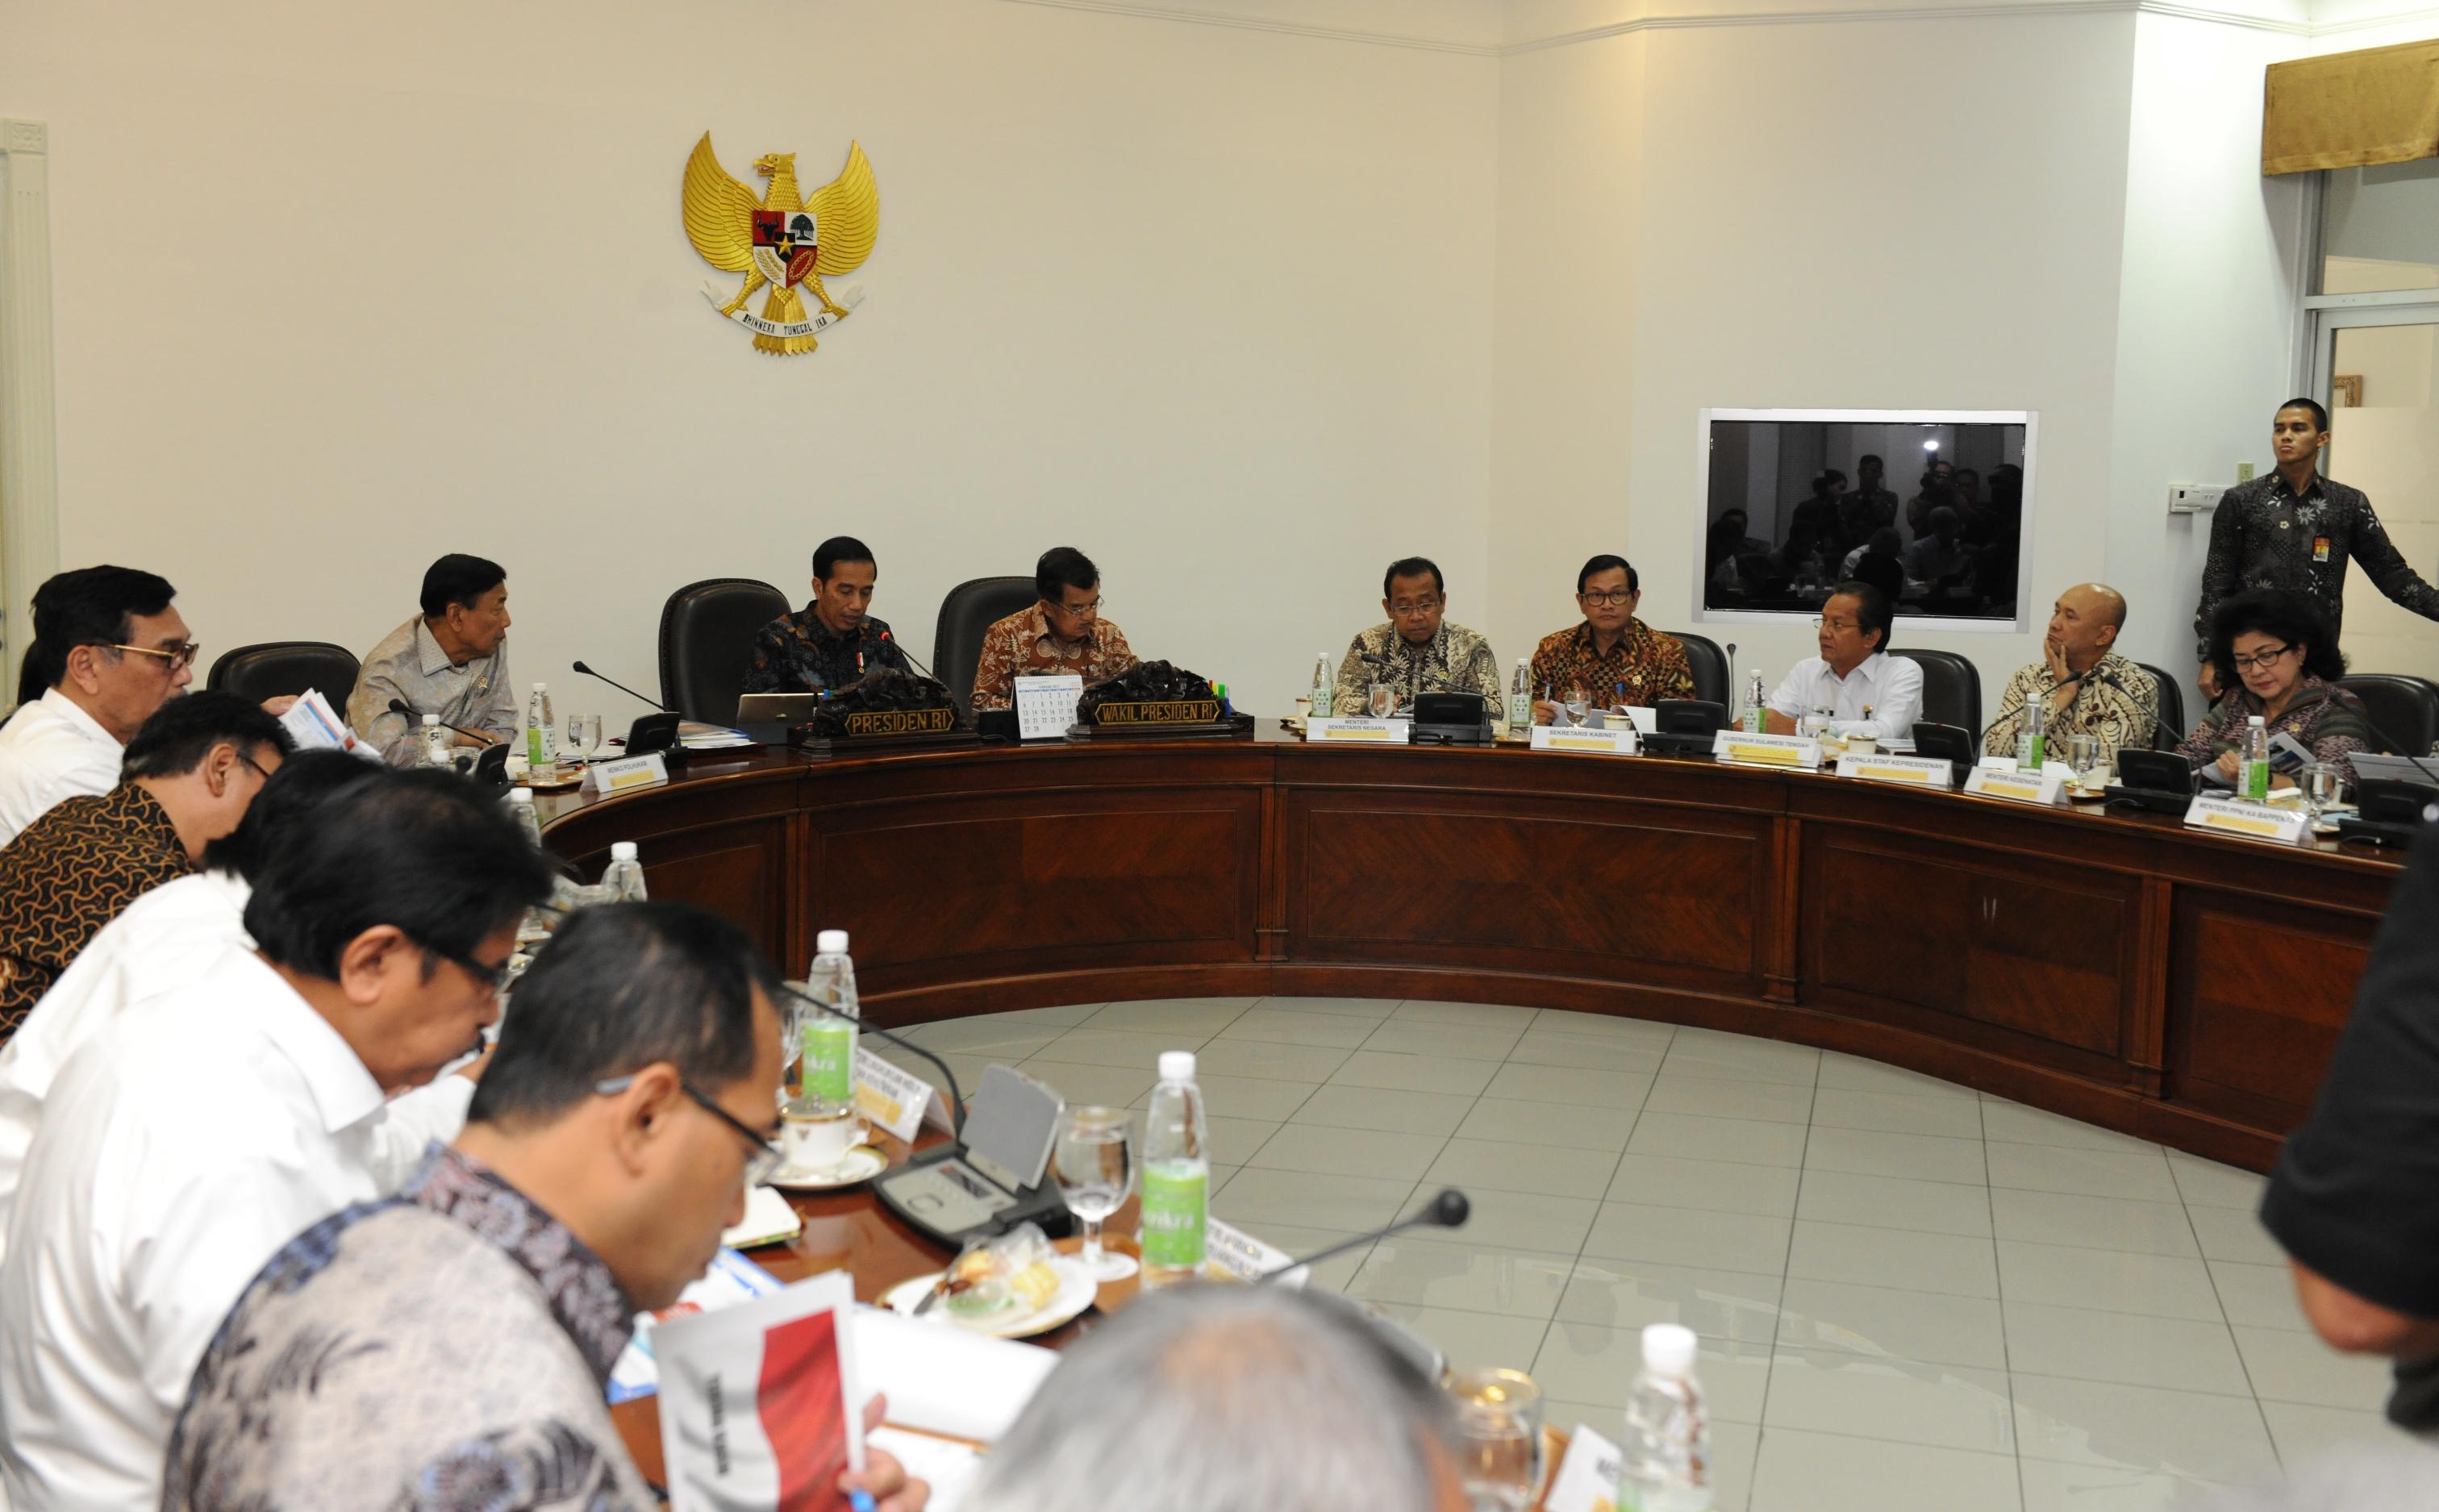 Presiden Jokowi didampingi Wapres Jusuf Kalla memimpin rapat terbatas tentang pembangunan Sulteng, yang dihadiri Gubernur Sulteng Longki Djanggola (baju putih), di Kantor Presiden, Jakarta, Kamis (9/3) sore. (Foto: JAY/Humas)